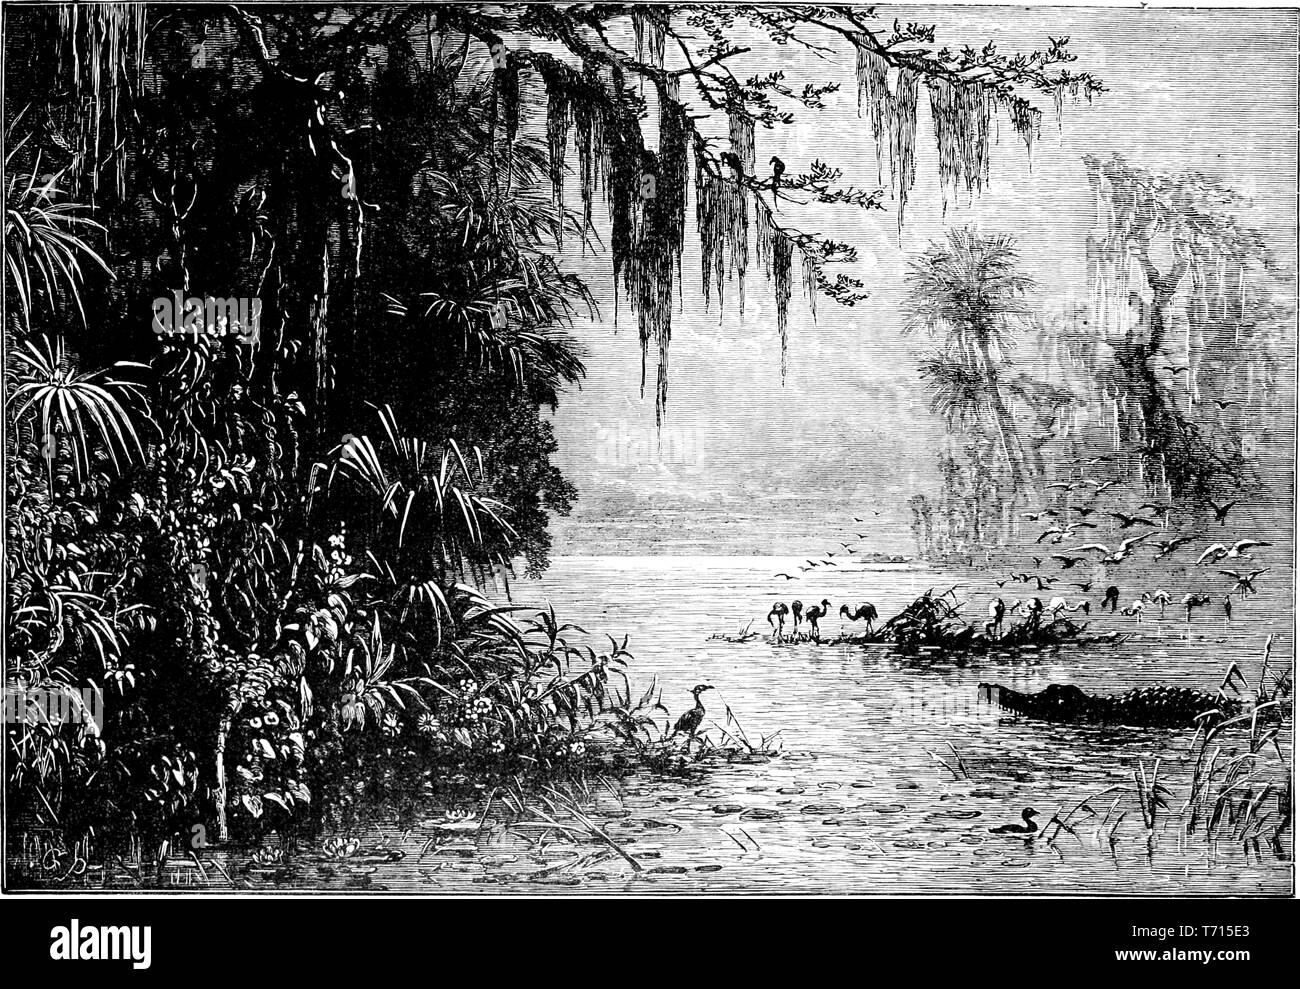 """Incisione di terra di Indiani Seminole, dal libro """"Una storia popolare degli Stati Uniti d'America, dai tempi degli aborigeni alla presente giorno"""" di John Clark Ridpath, 1893. La cortesia Internet Archive. () Immagini Stock"""